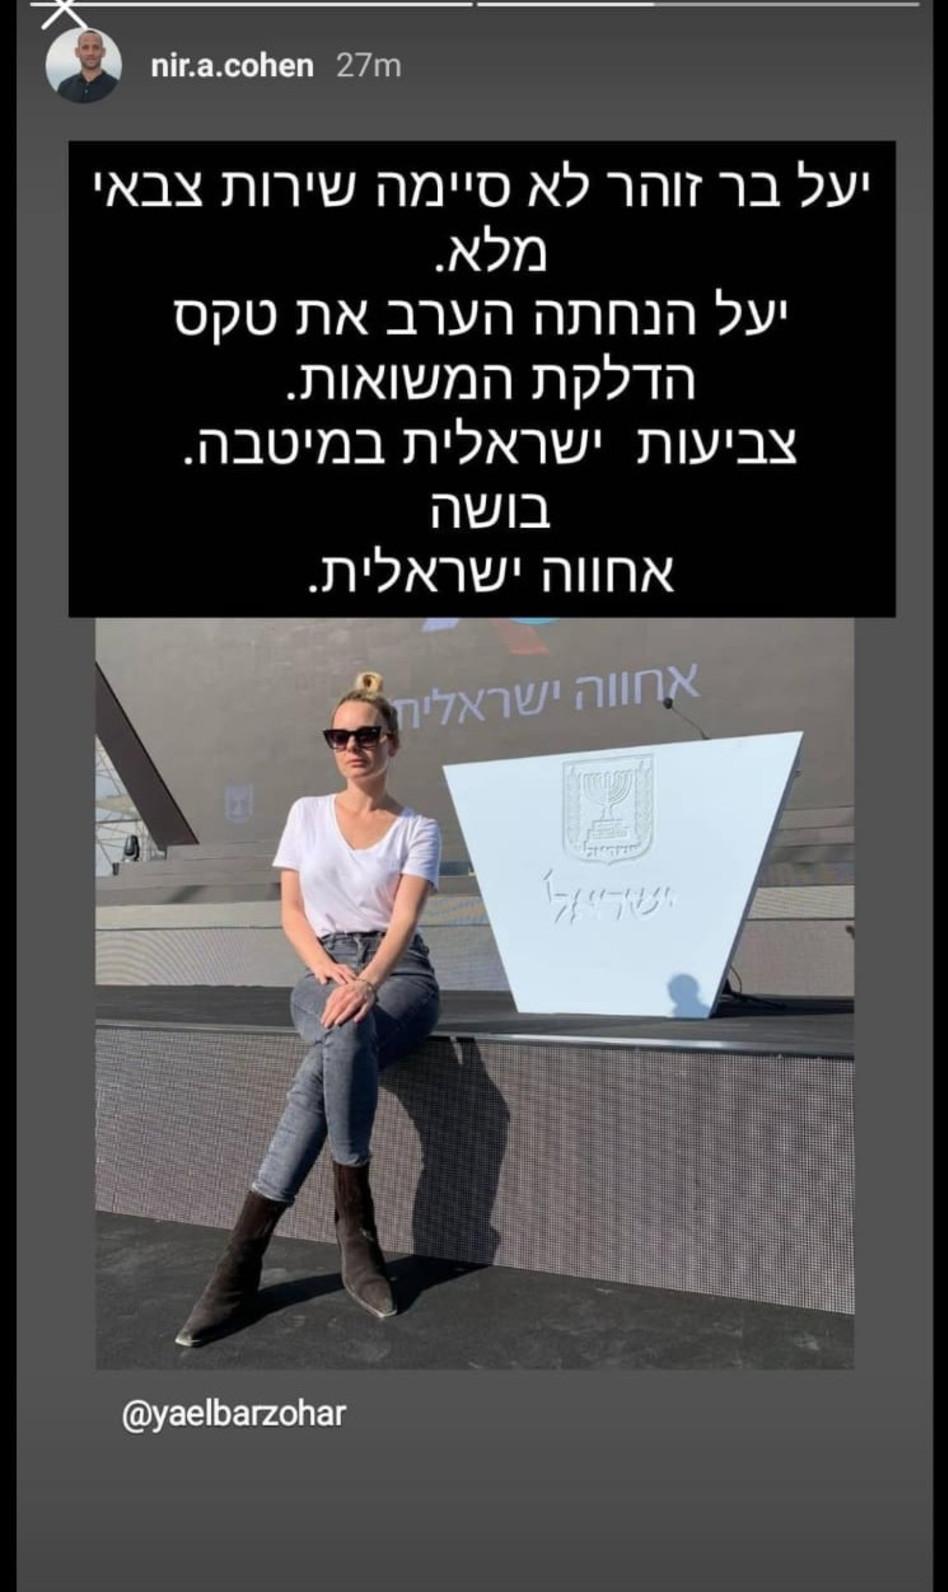 ניר אבישי כהן, יעל בר זוהר (צילום: צילום מסך אינסטגרם)